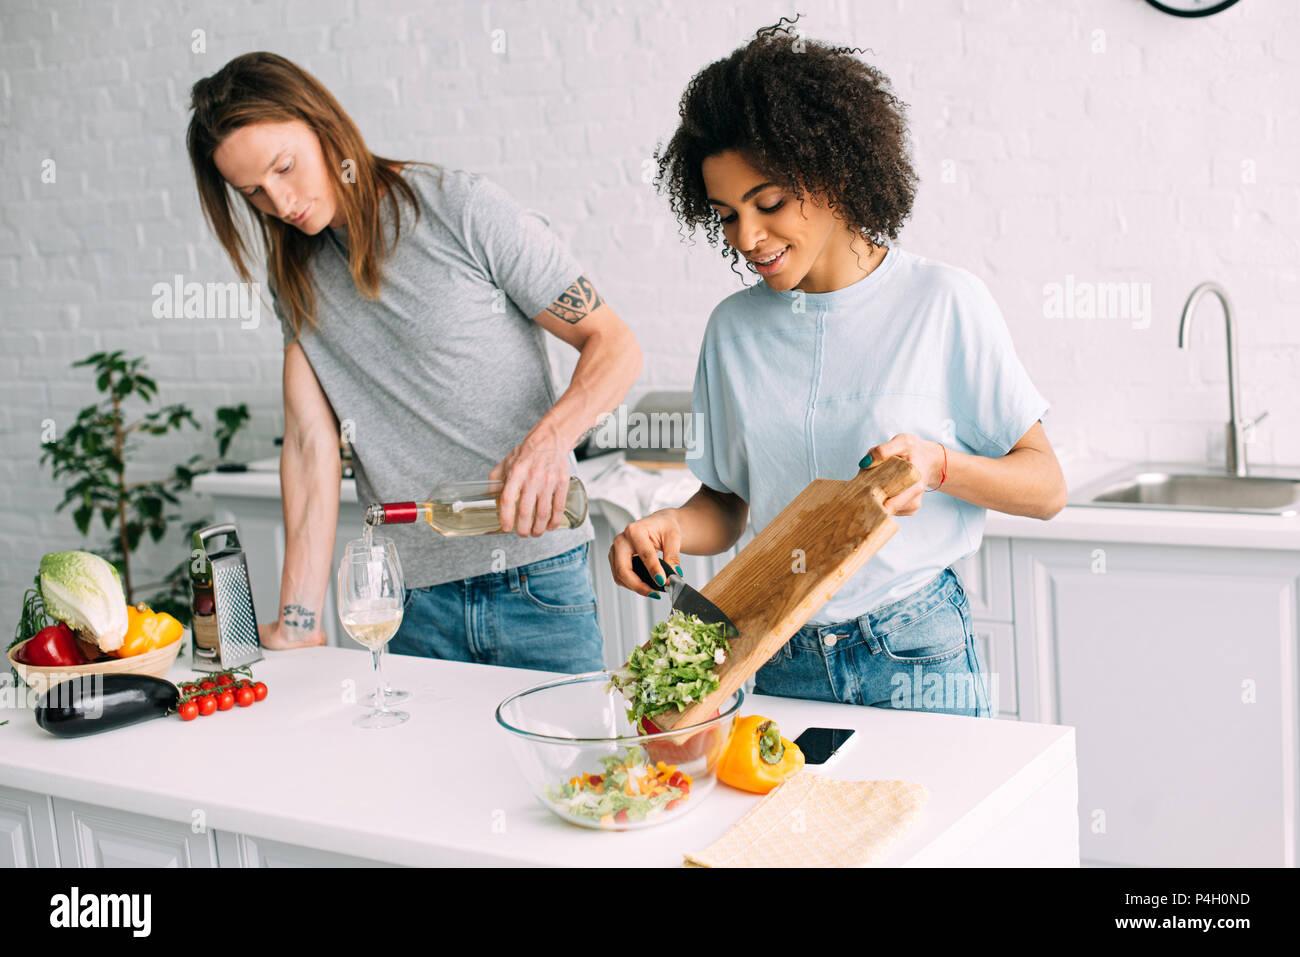 Joven afroamericana cocinar ensalada y novio verter en el vaso de vino blanco Imagen De Stock